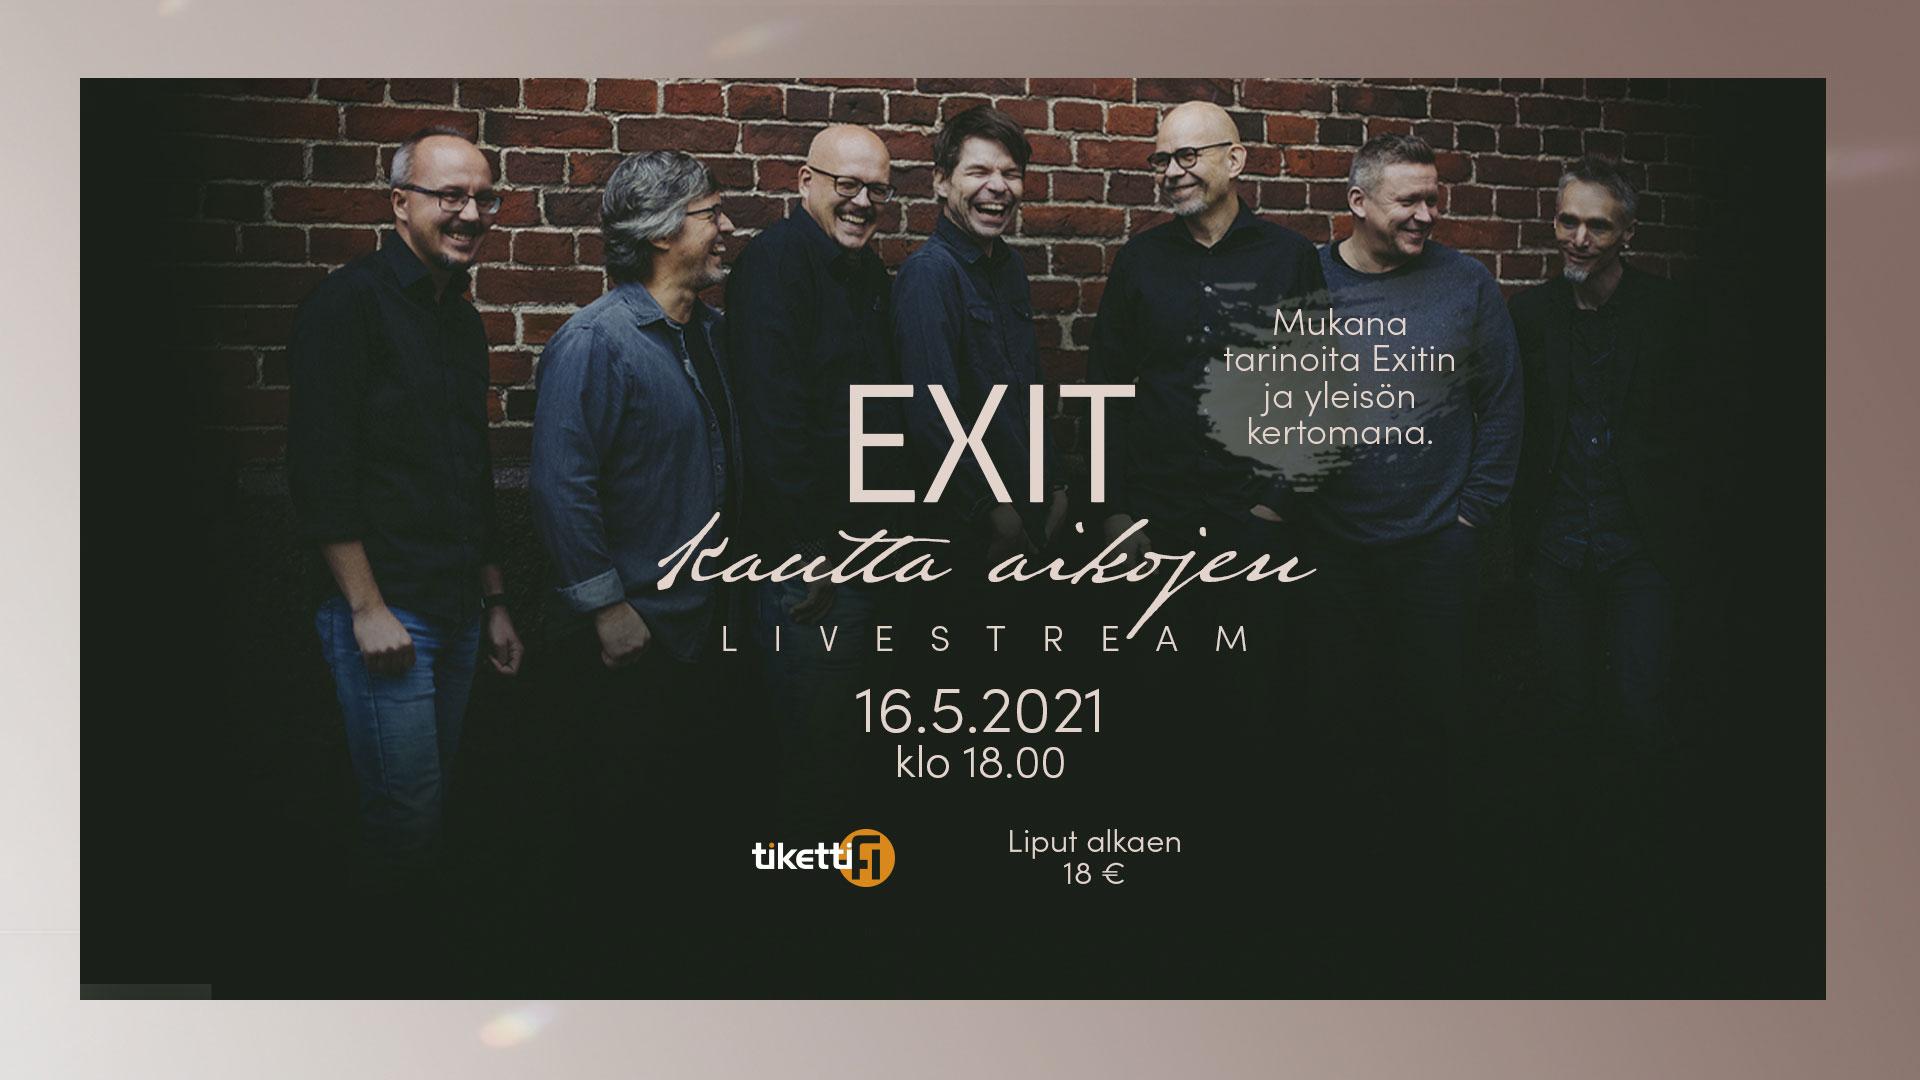 Linkki tapahtumaan Exit – Kautta aikojen livestream